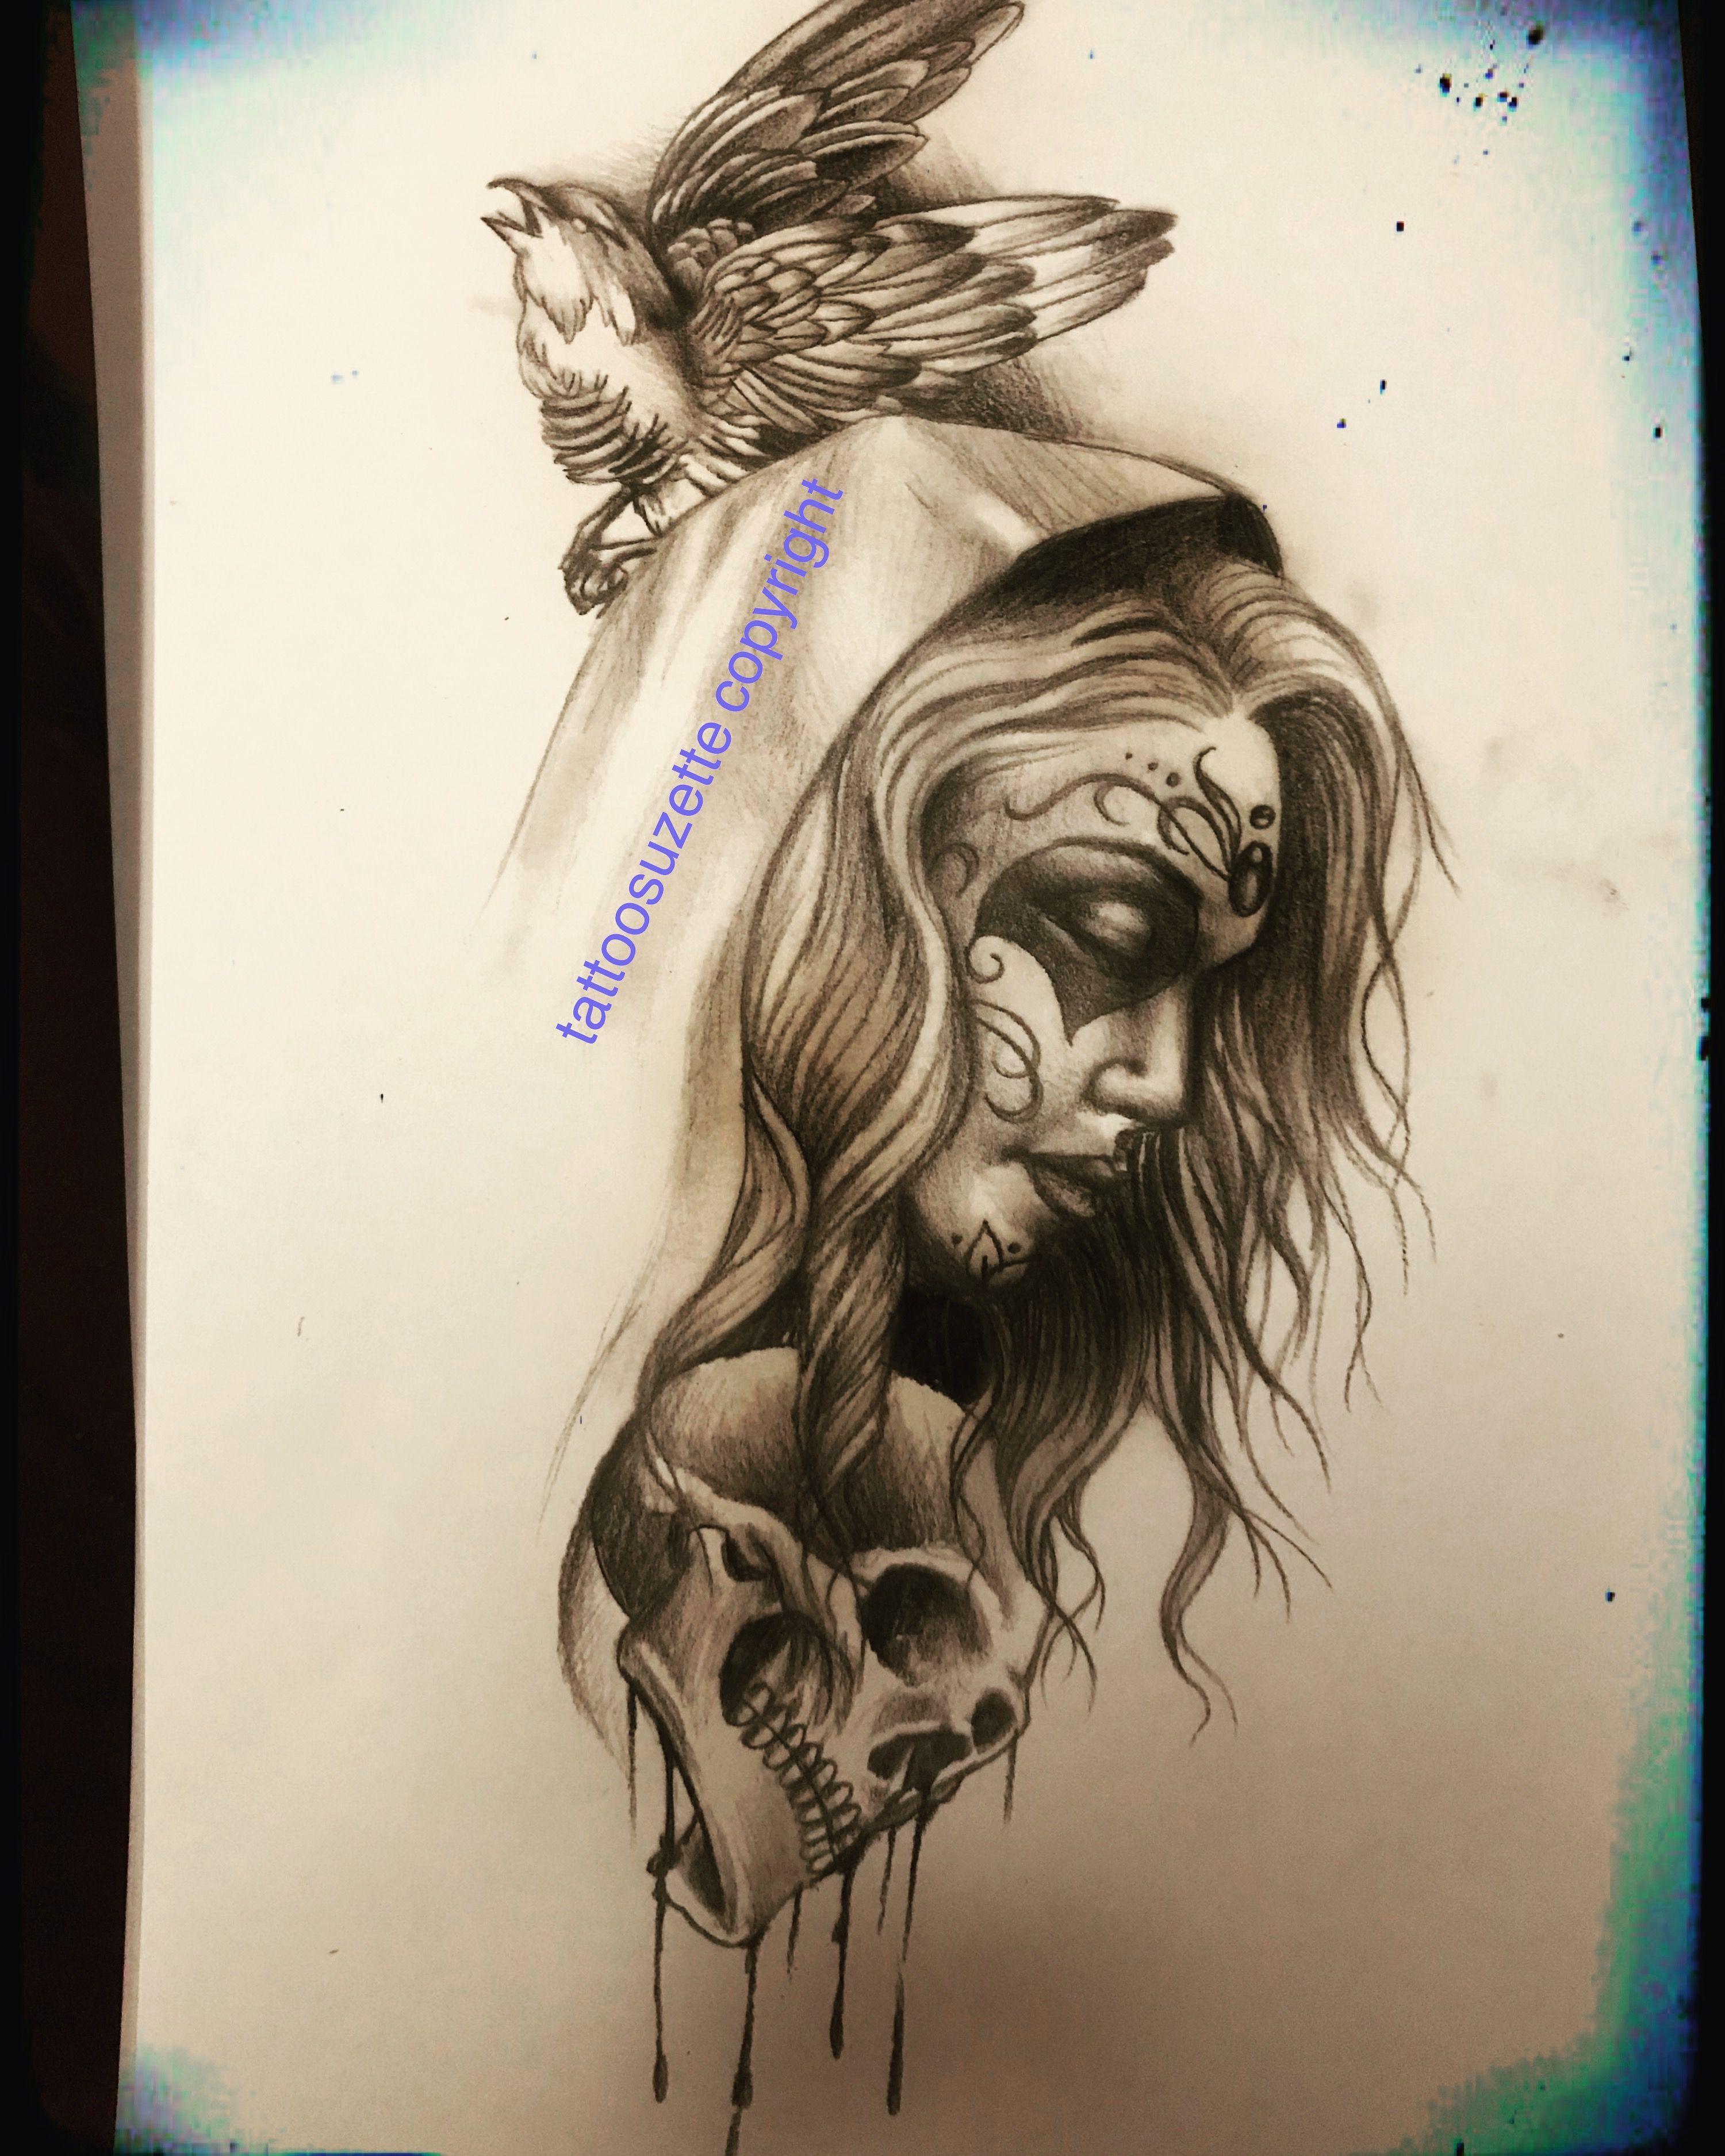 Santa Muerte Tattoo Design Santamuerte Santamuertetattoo Tattoodesign Santamuertetattoodesign Katrinata Half Sleeve Tattoos Designs Tattoo Designs Tattoos